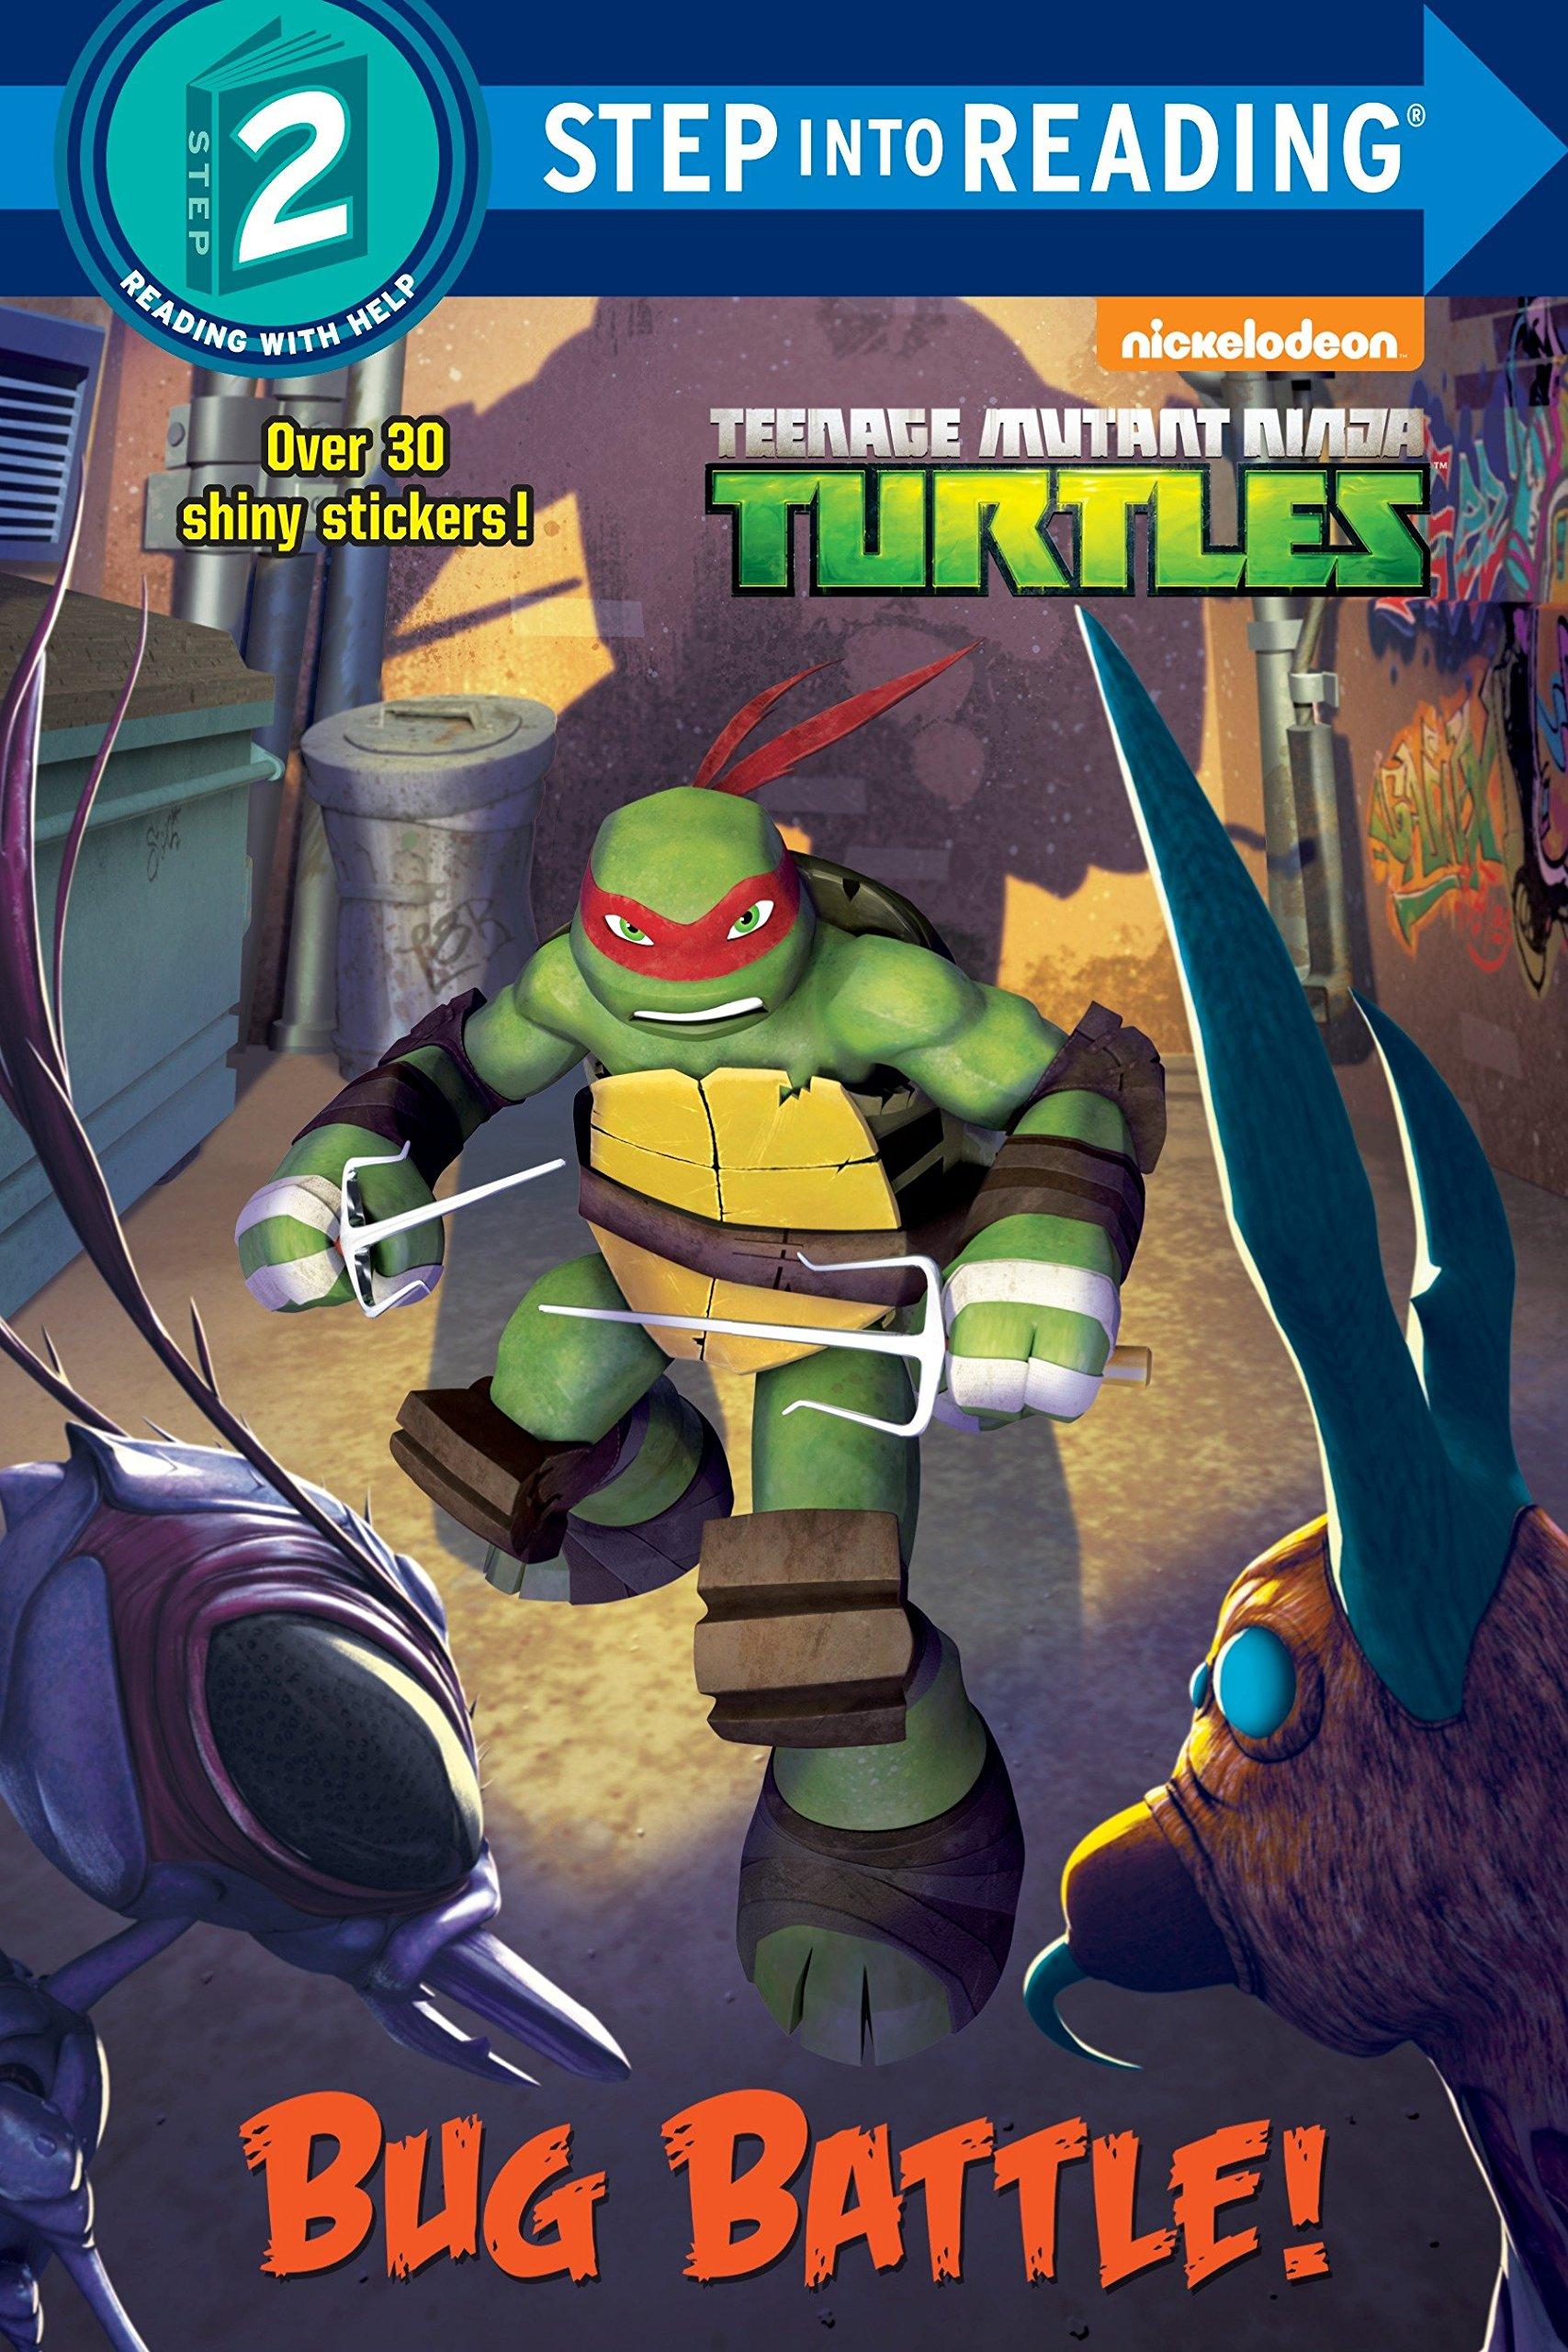 Amazon.com: Bug Battle! (Teenage Mutant Ninja Turtles) (Step ...